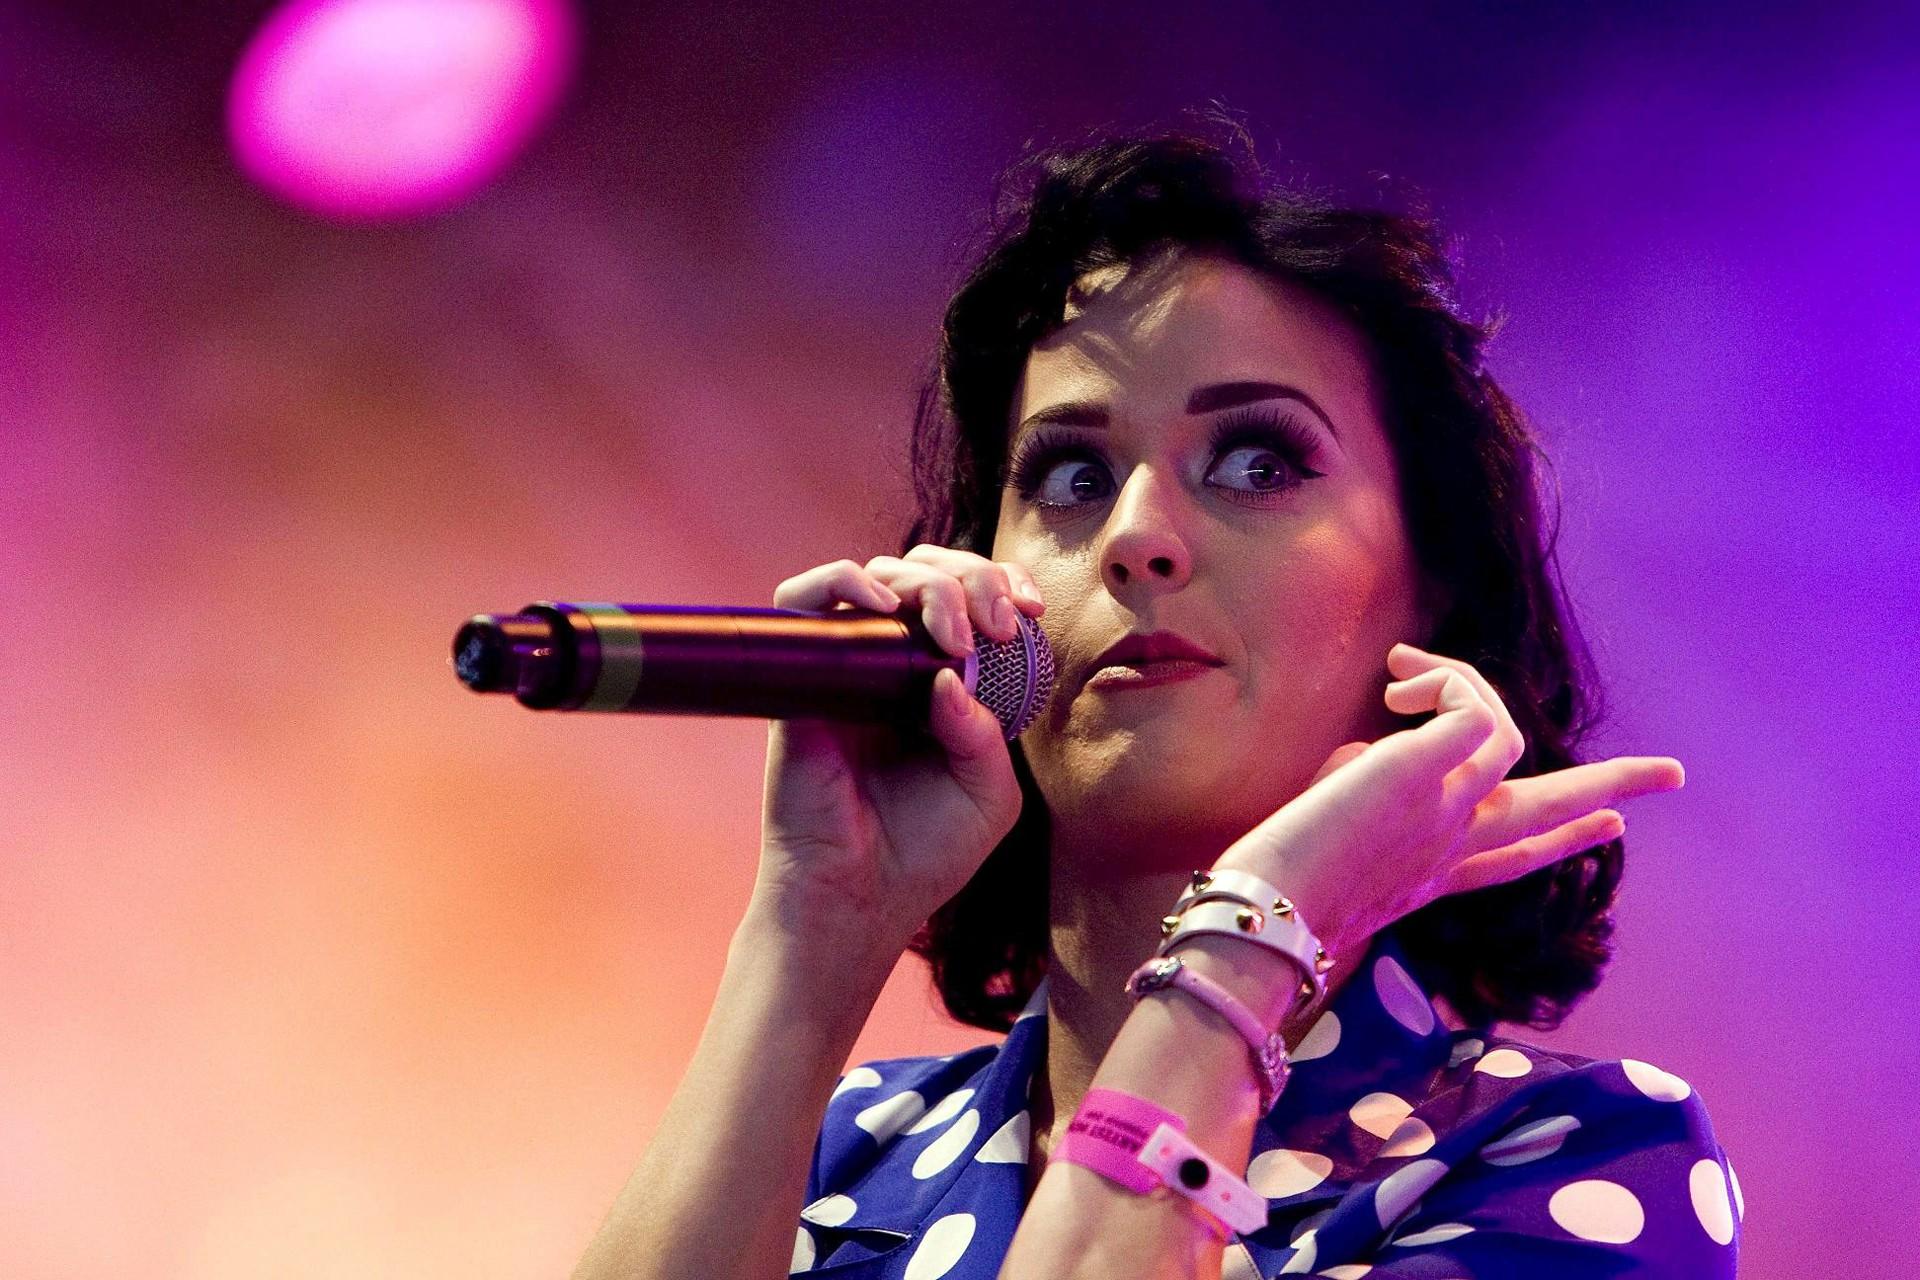 Wallpaper: un primo piano di Katy Perry durante un concerto